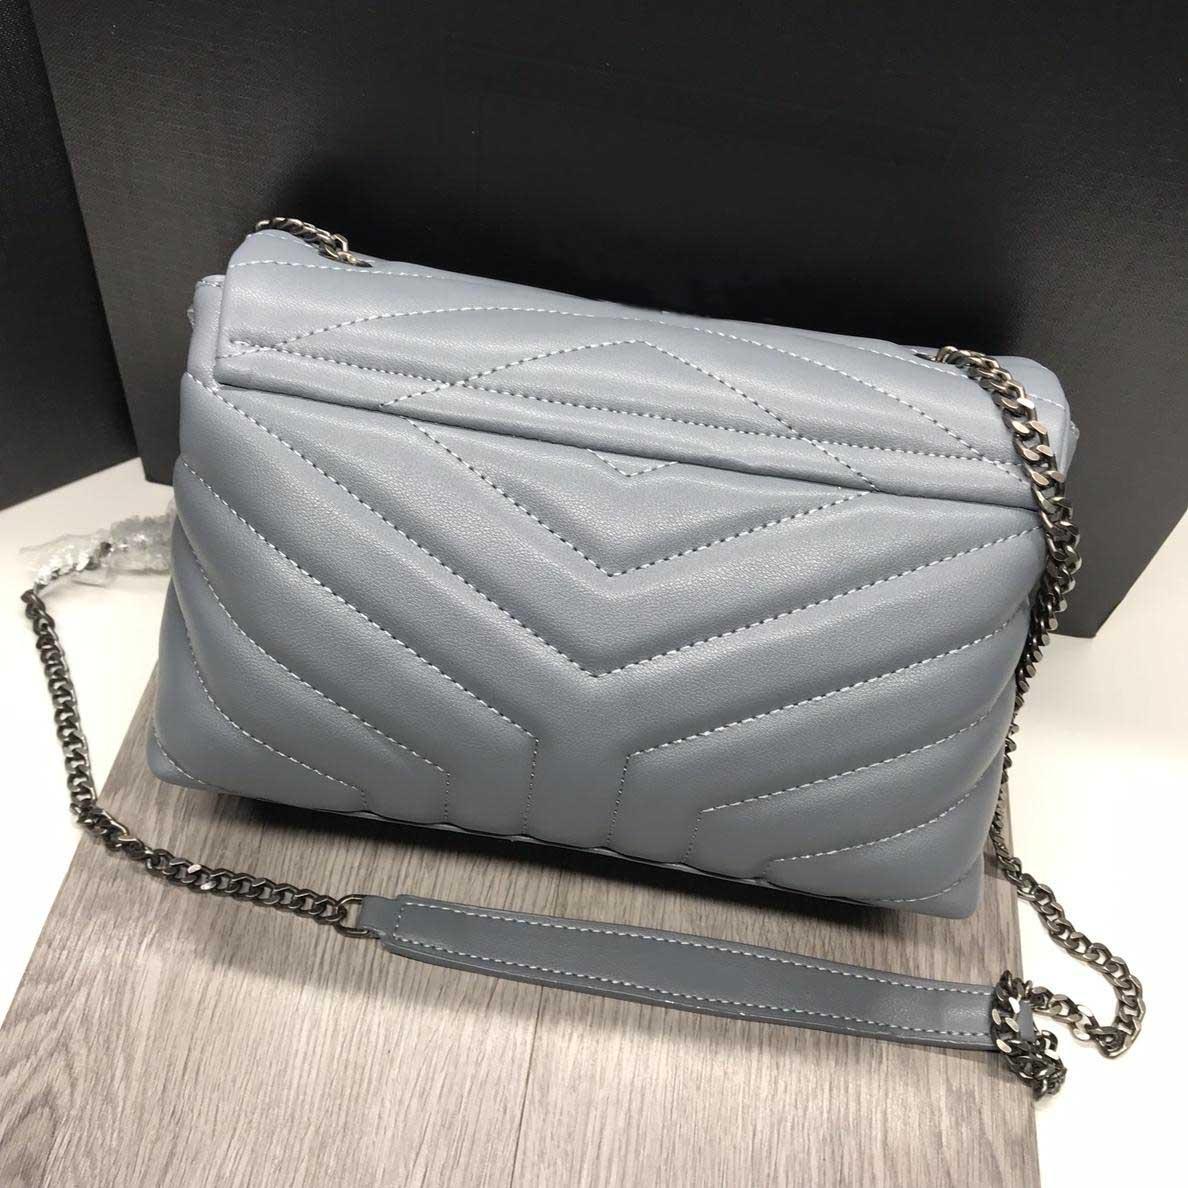 Bolsa de billetera para mujer Bolso Bolsos Bolsos Montones Diseñador Diseñador Crossbody Single Bolsas de la mejor calidad Hombro Lujos de lujo para Bolsos HJSDG